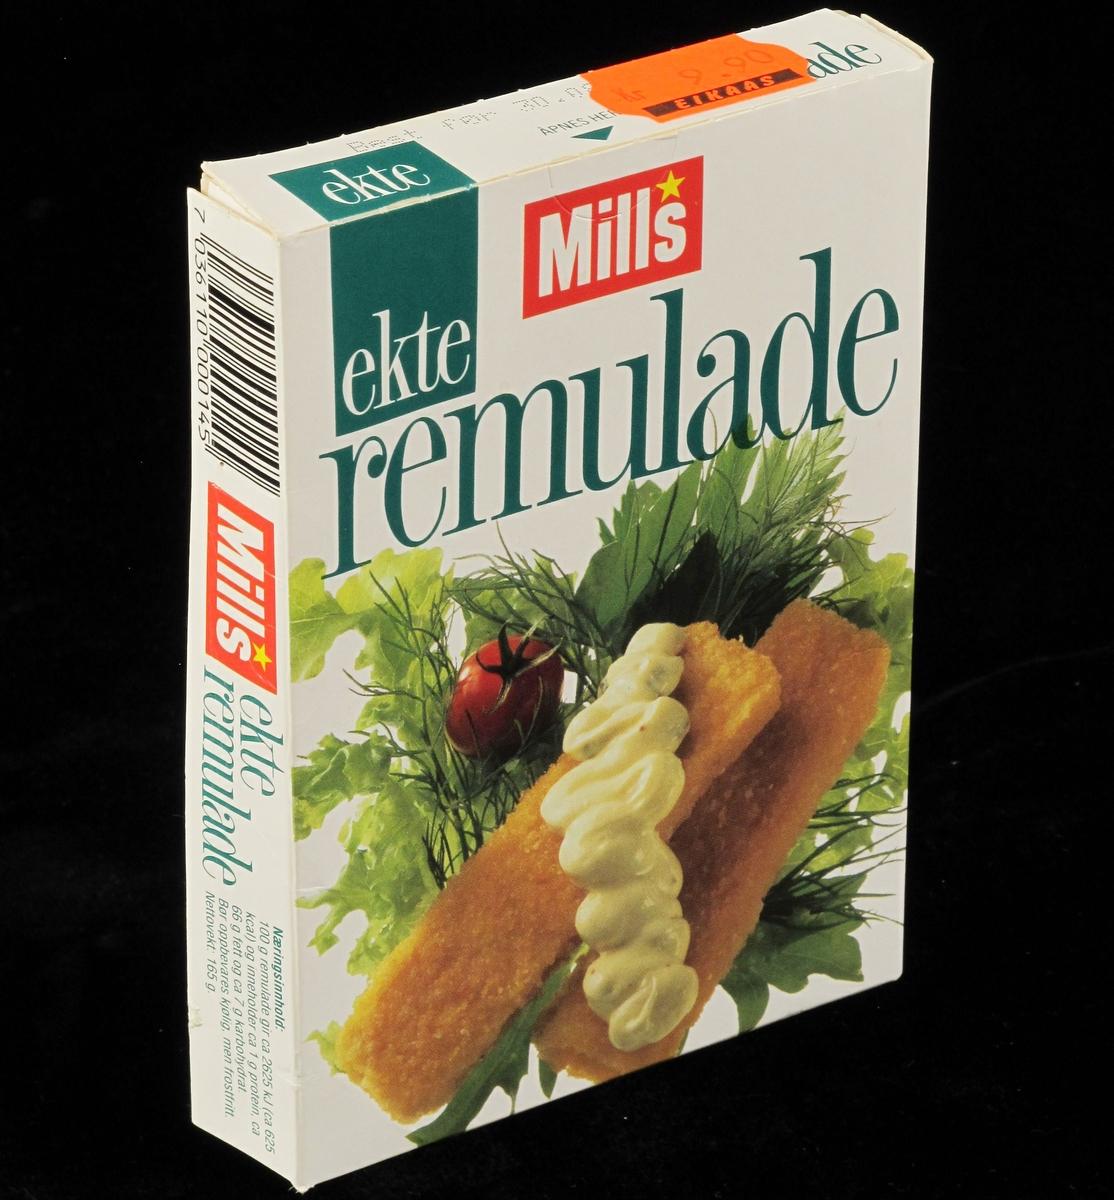 Fiskepinner og remulade, tomat, salat og dill.